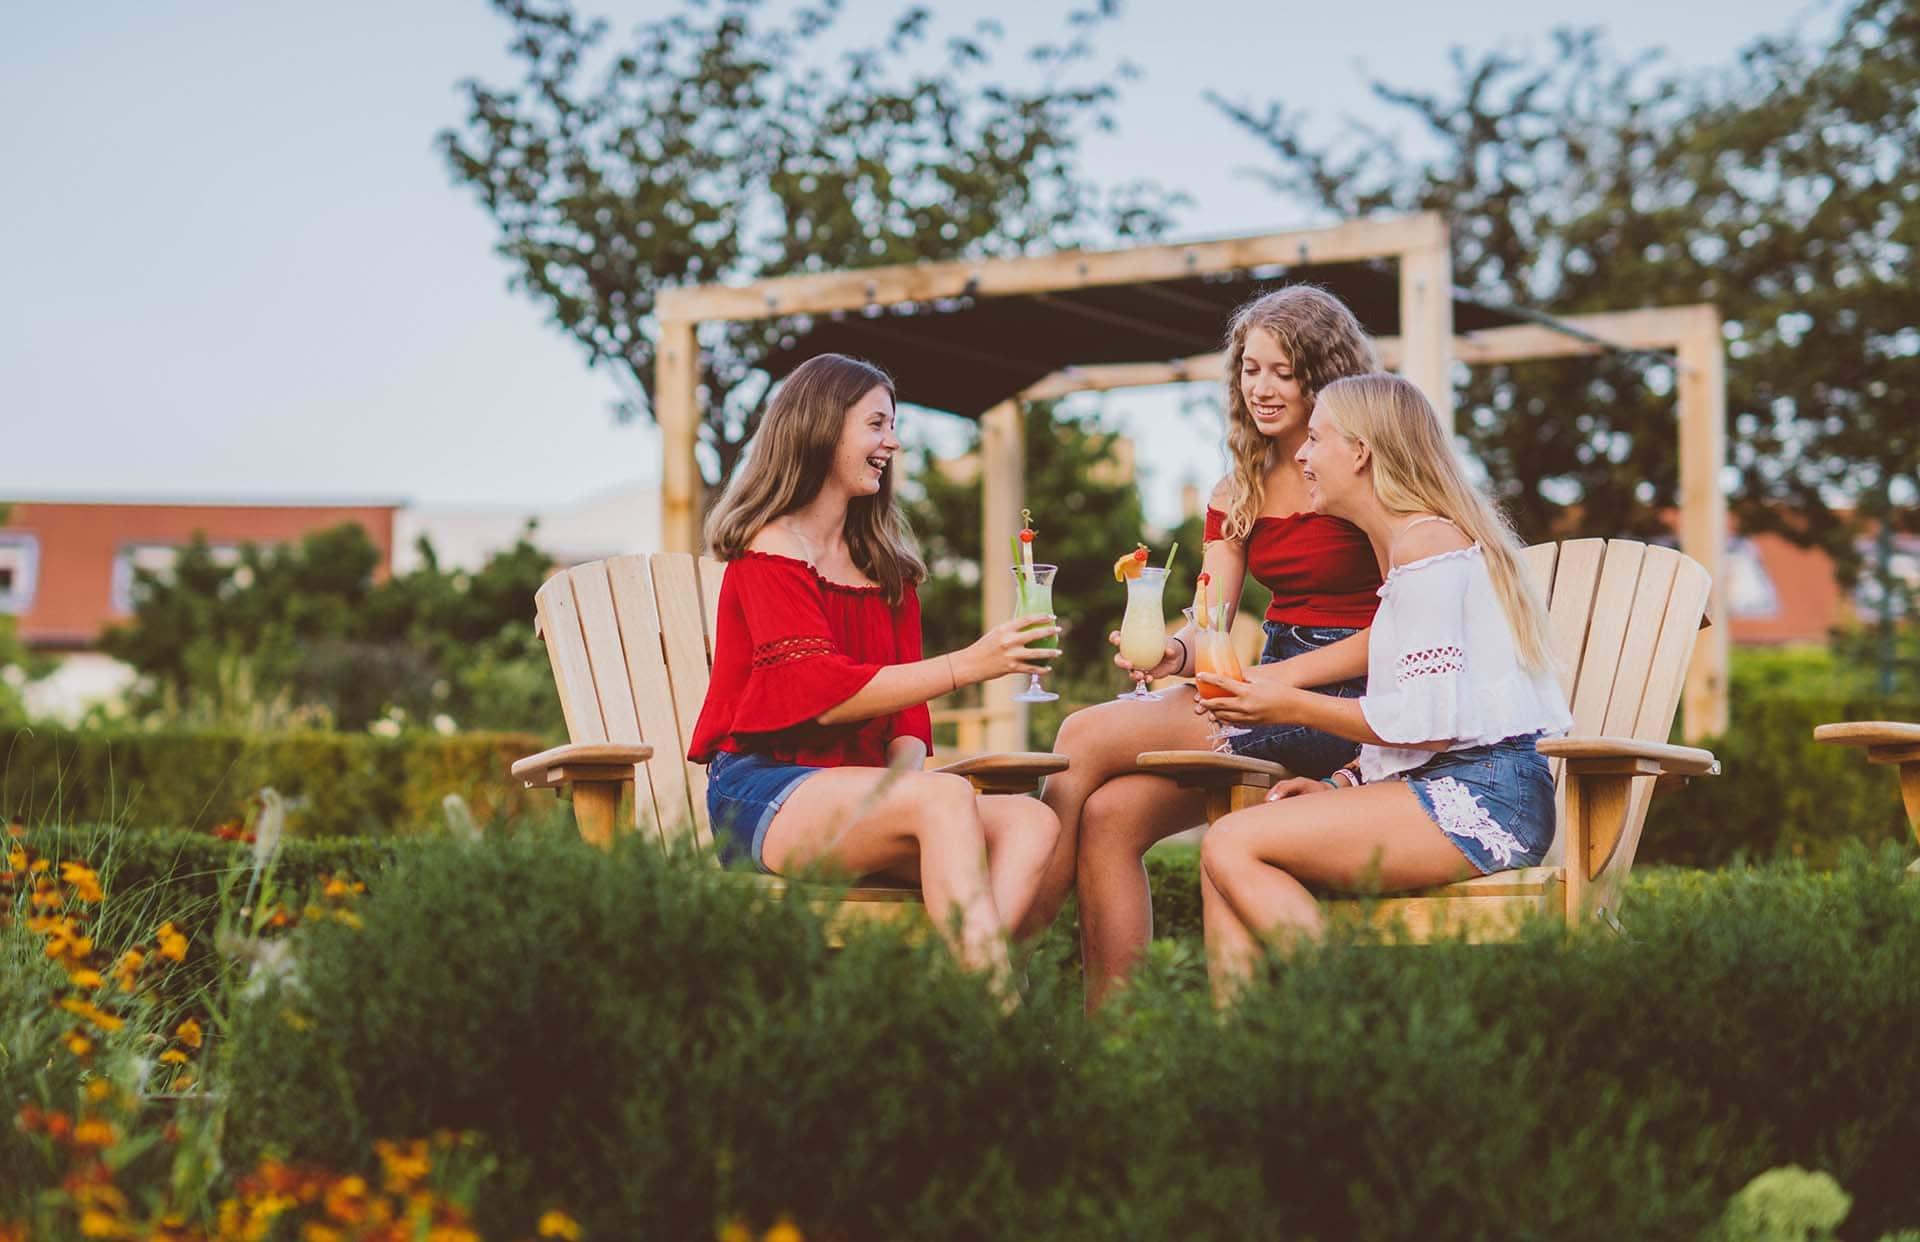 Jugendliche im Jahreszeitengarten